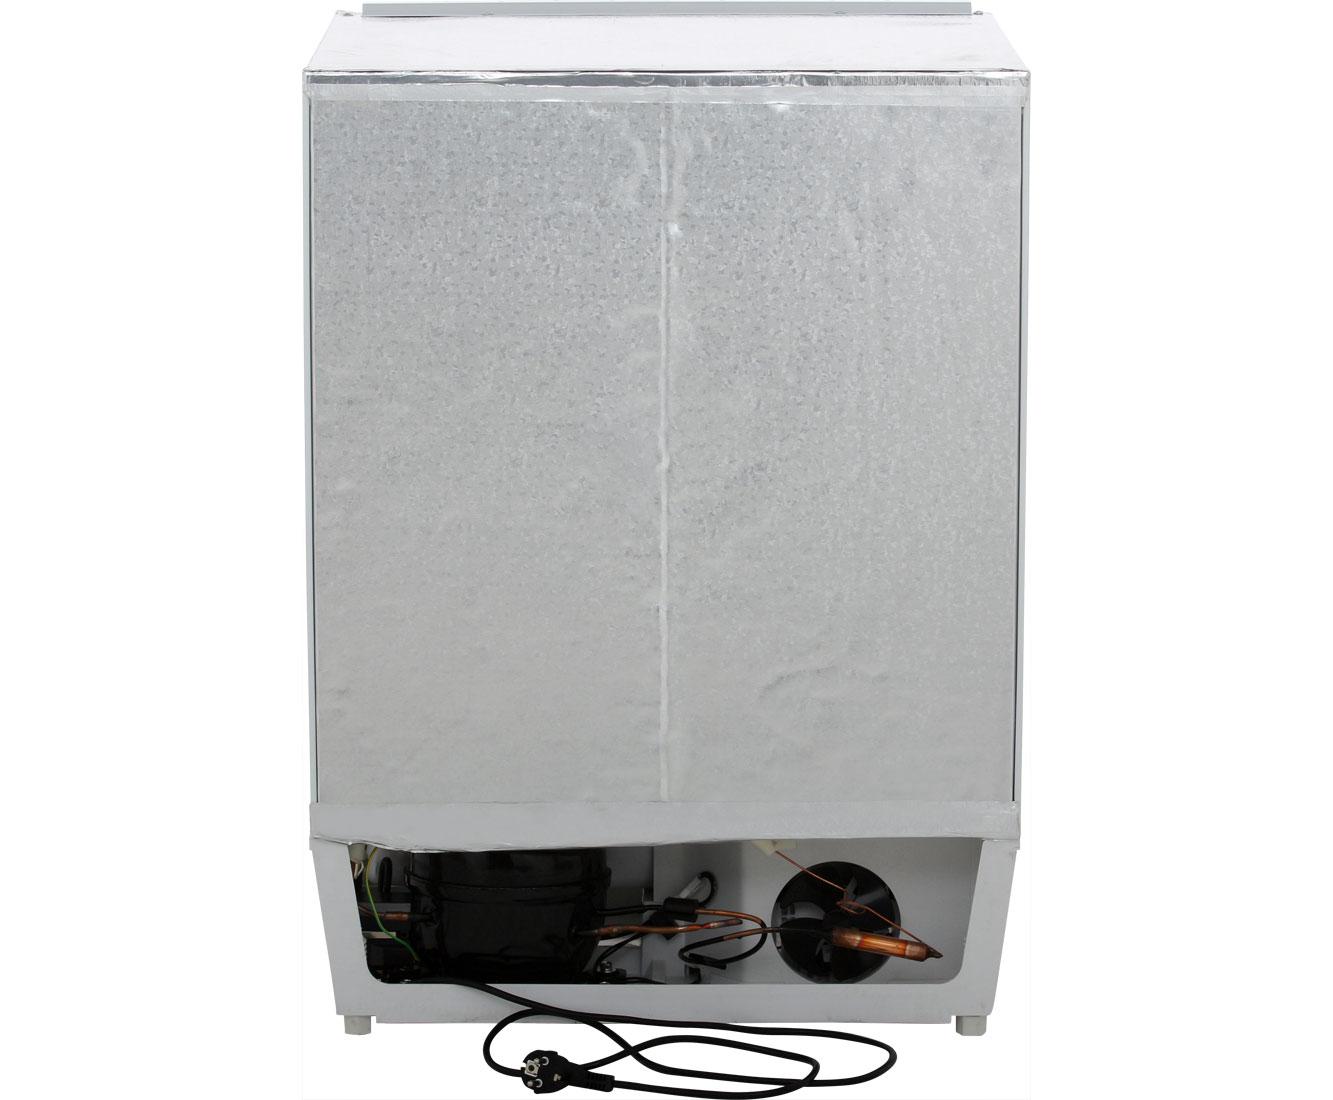 Amica Unterbau Kühlschrank 50 Cm : Unterbau kühlschrank mit gefrierfach whirlpool einbaukühlschrank